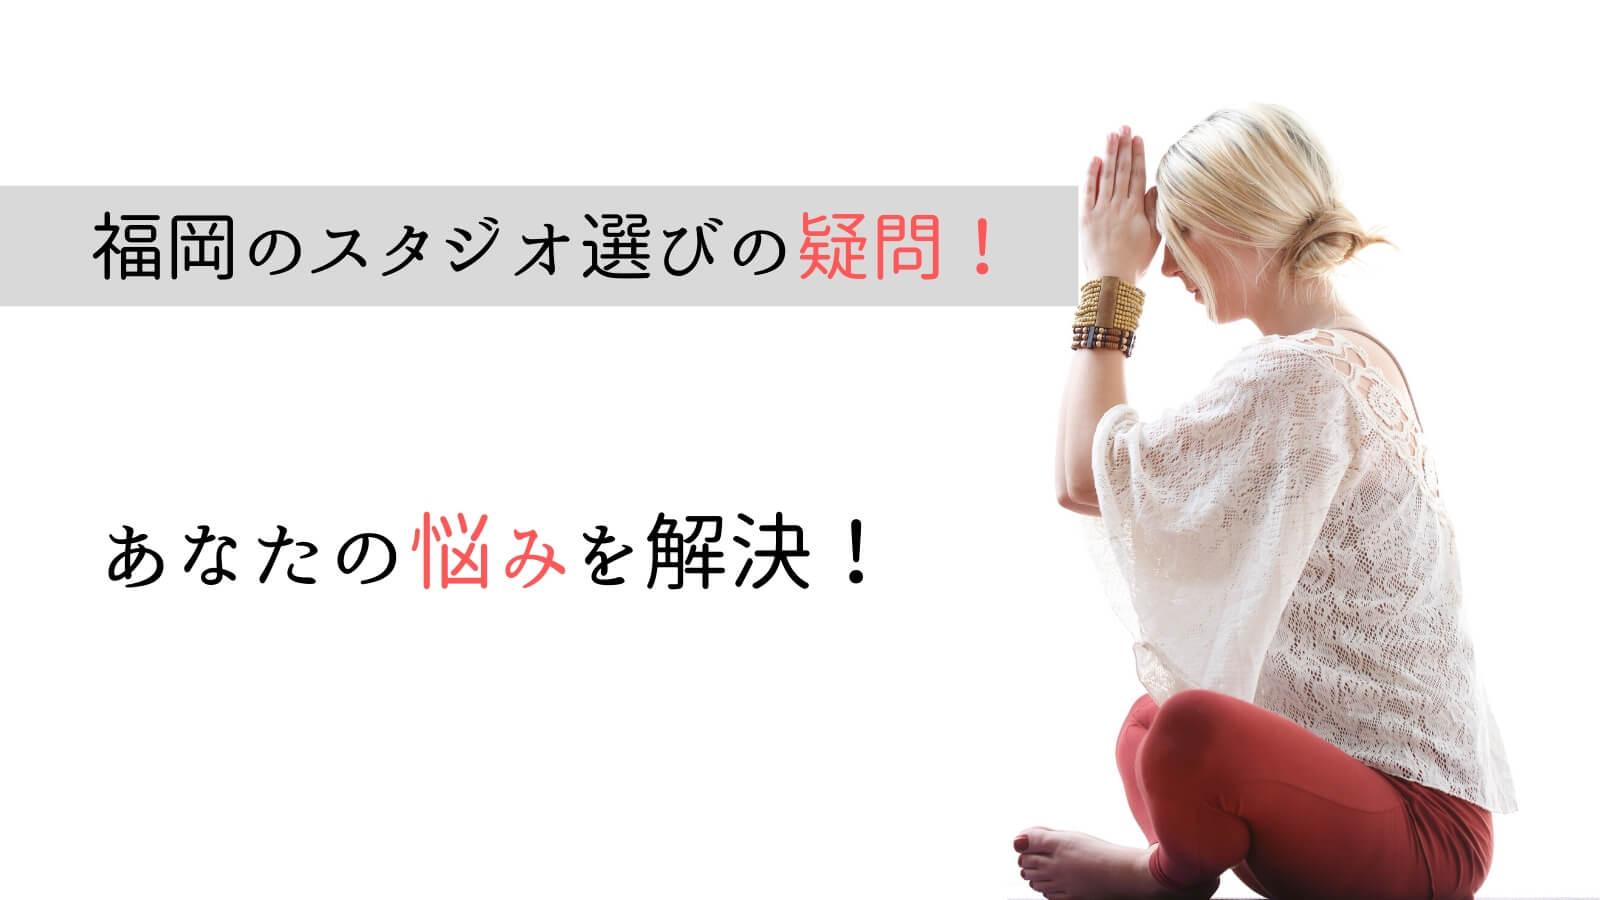 福岡のピラティススタジオ選びに関するQ&A